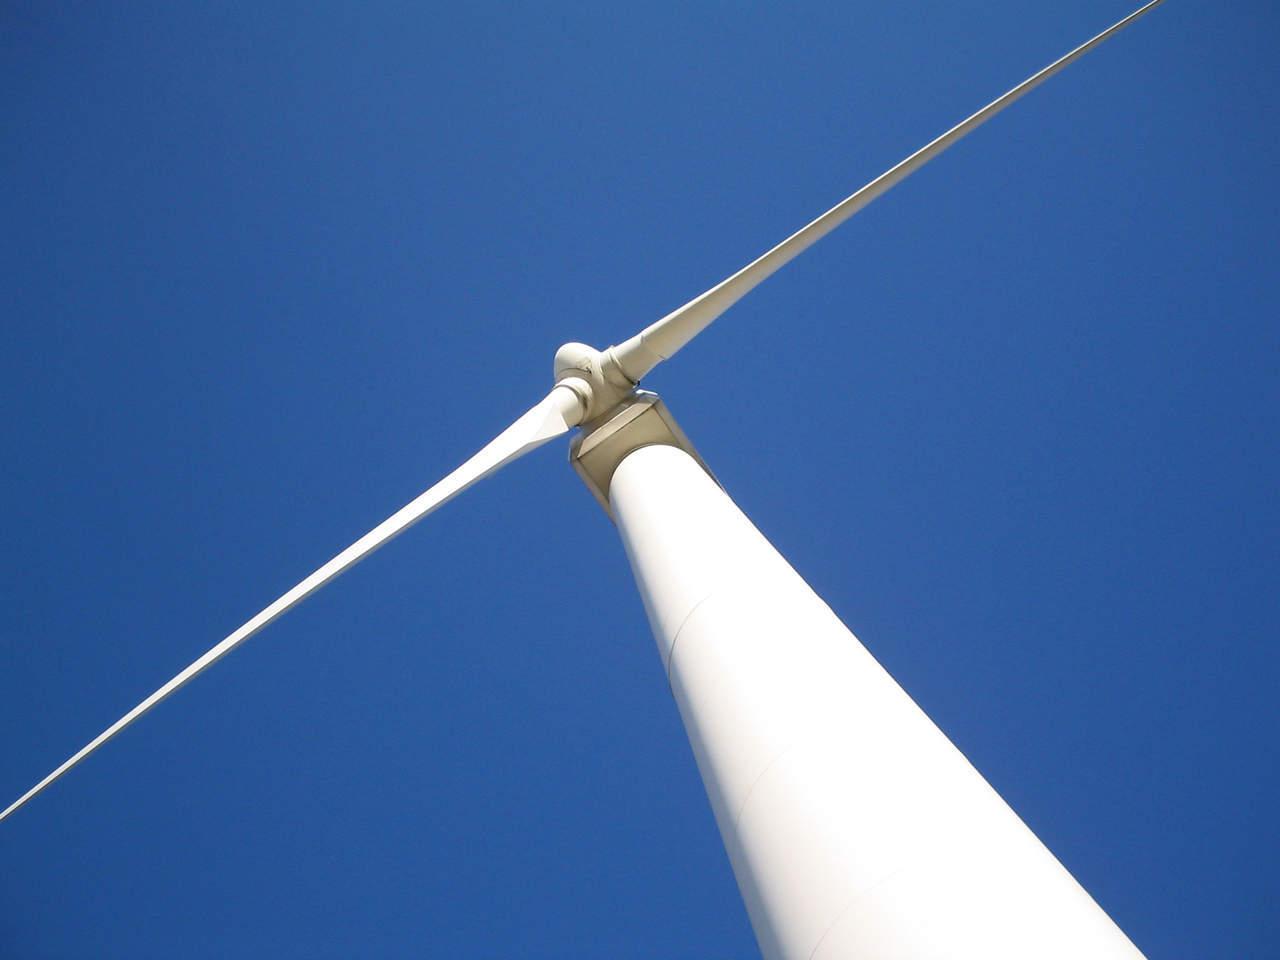 windmills-6-1547358-1280x960